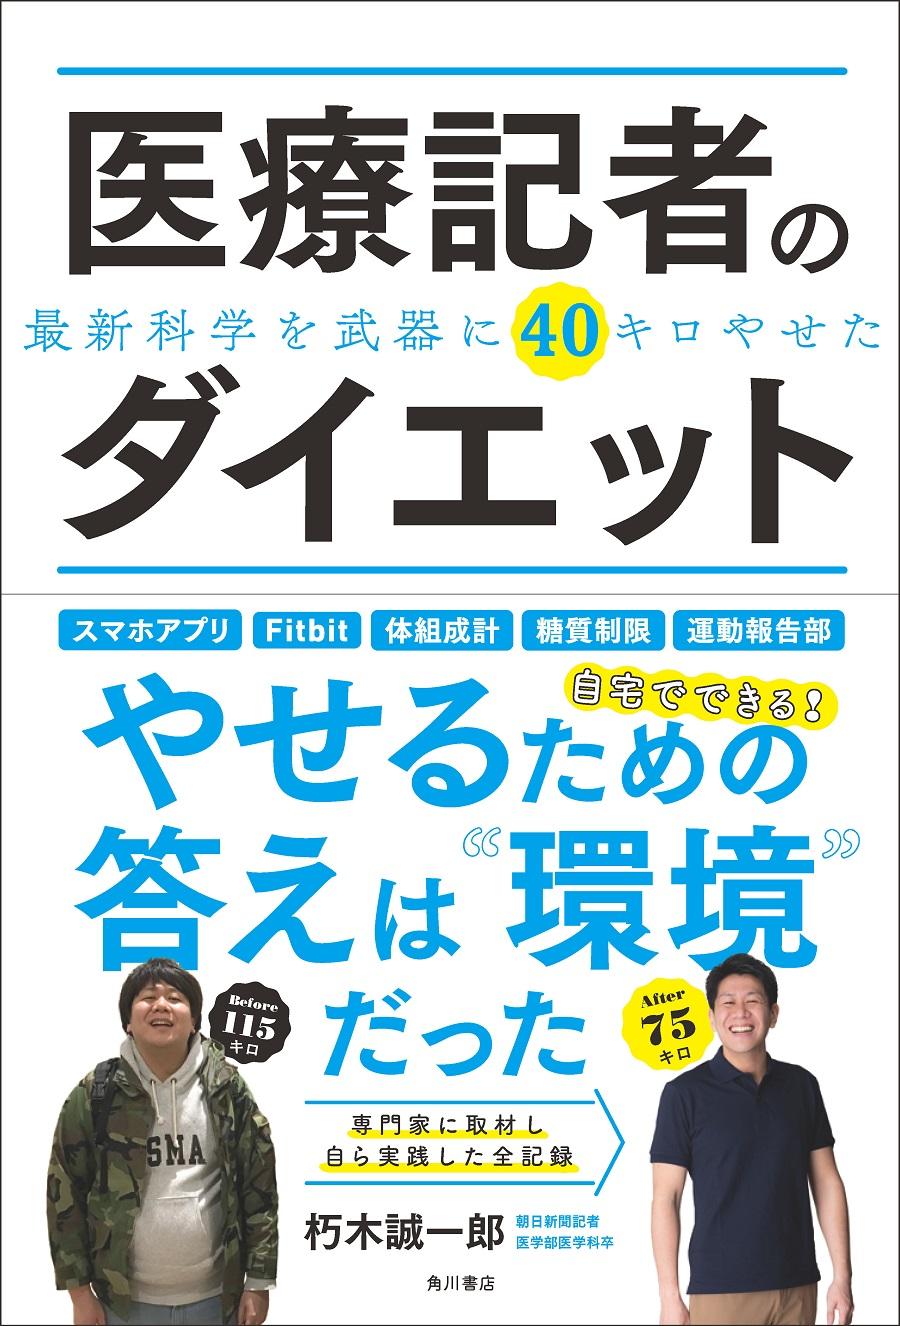 写真は、『医療記者のダイエット 最新科学を武器に40キロやせた』(KADOKAWA)